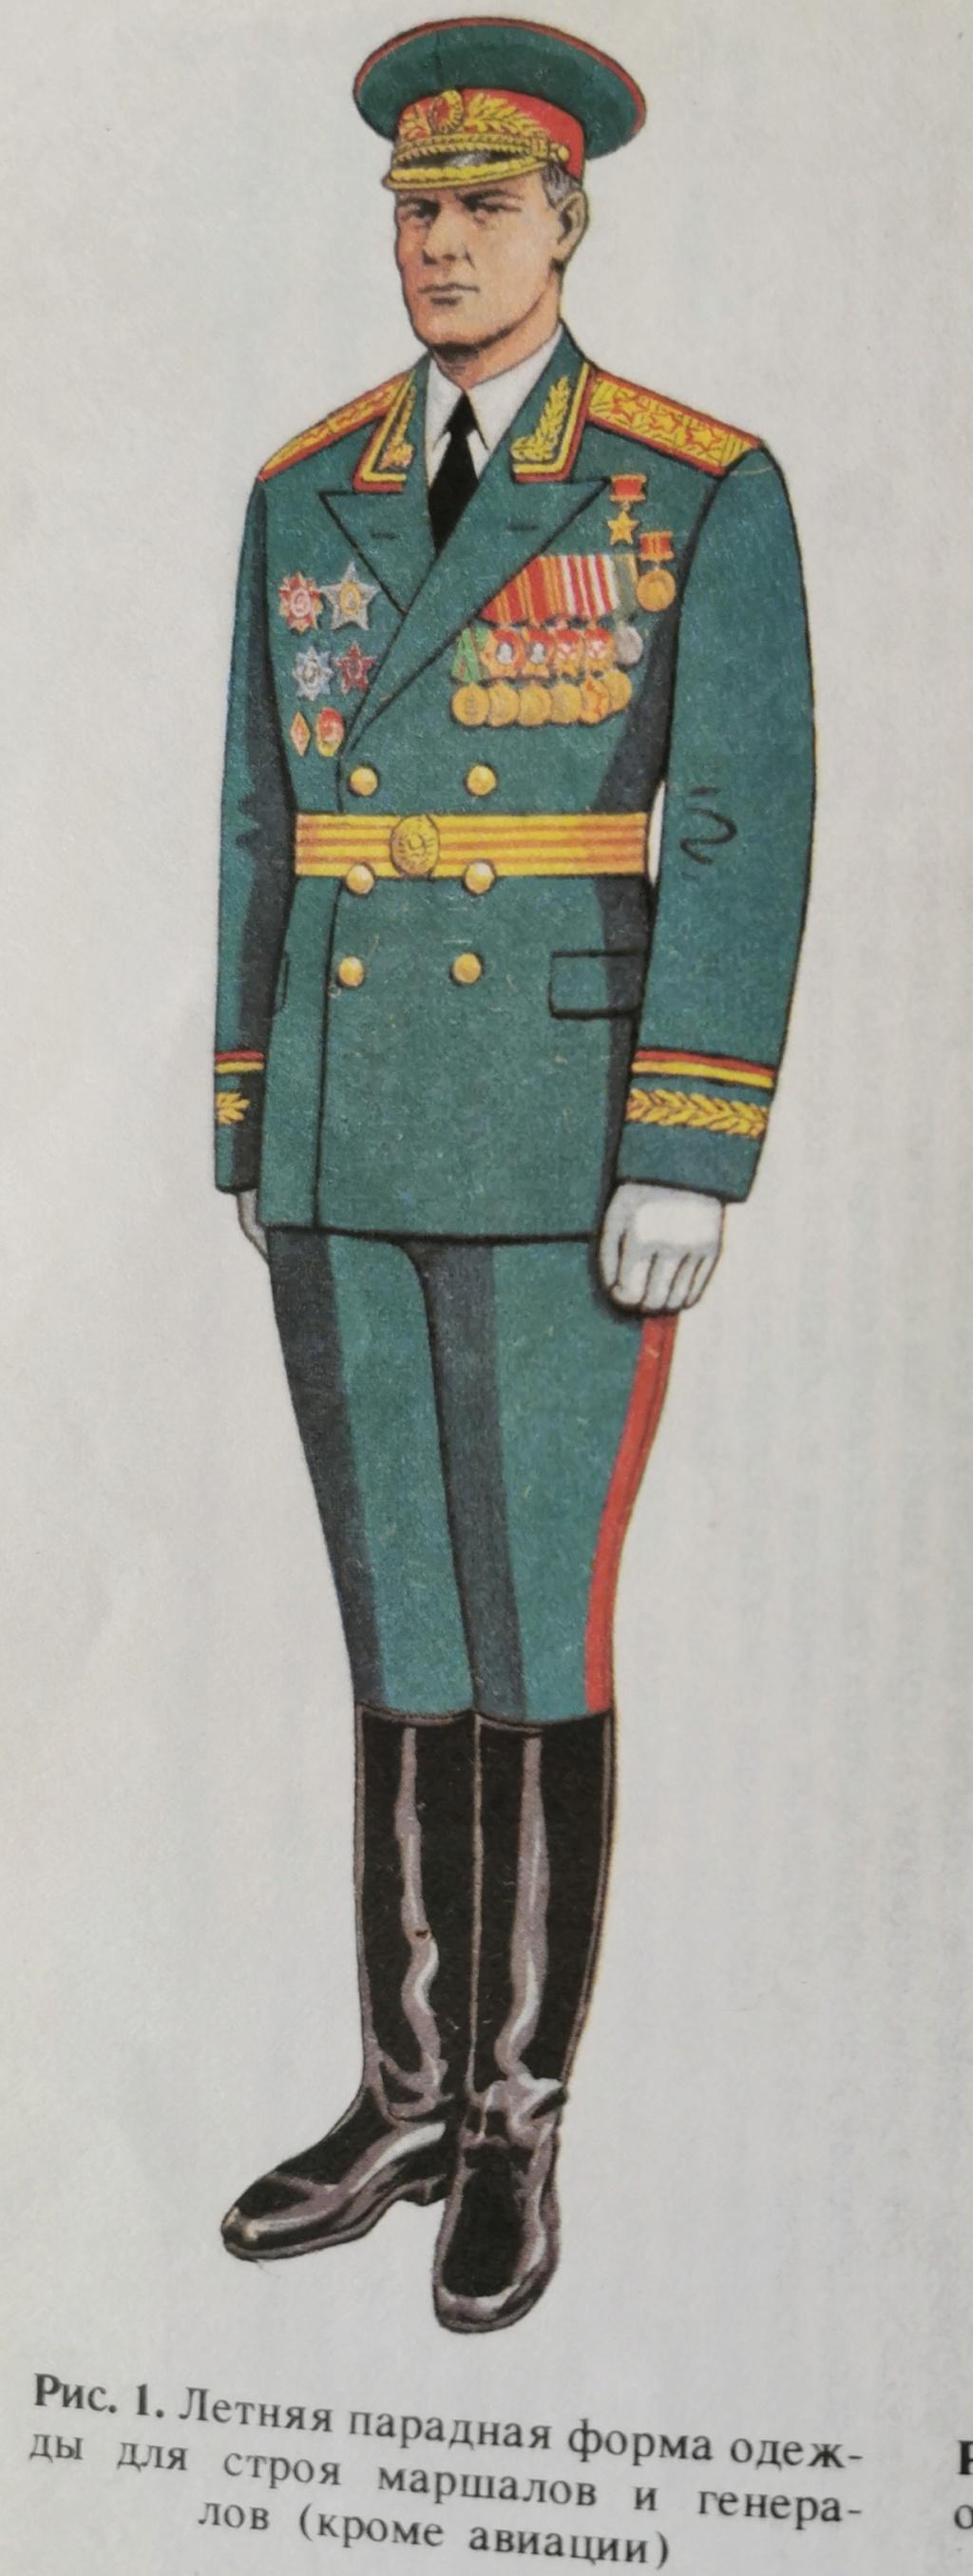 Details de mes coiffures de Général soviétique.  Img_2270